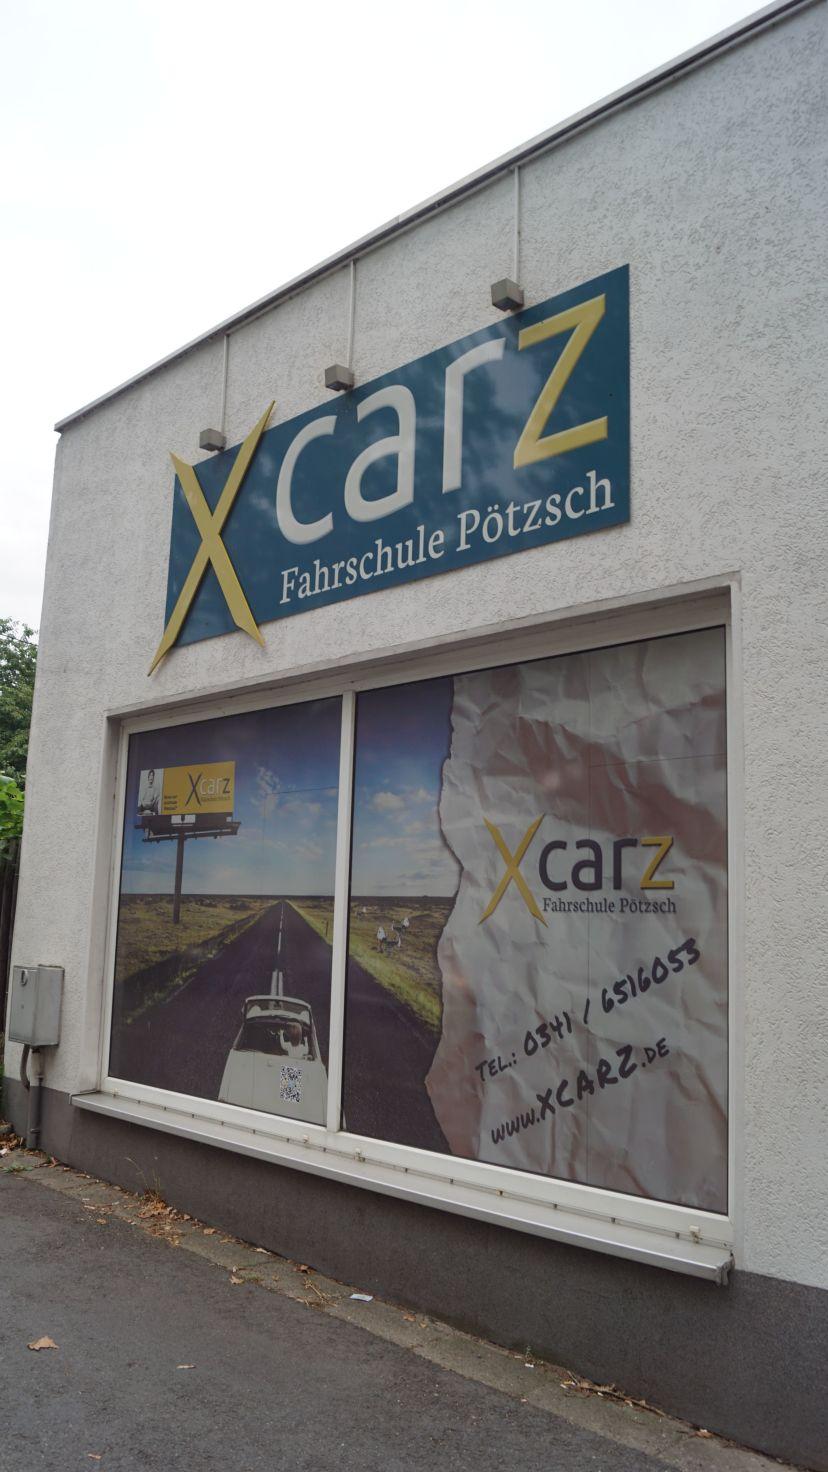 Fahrschule Pötzsch Mölkau 2